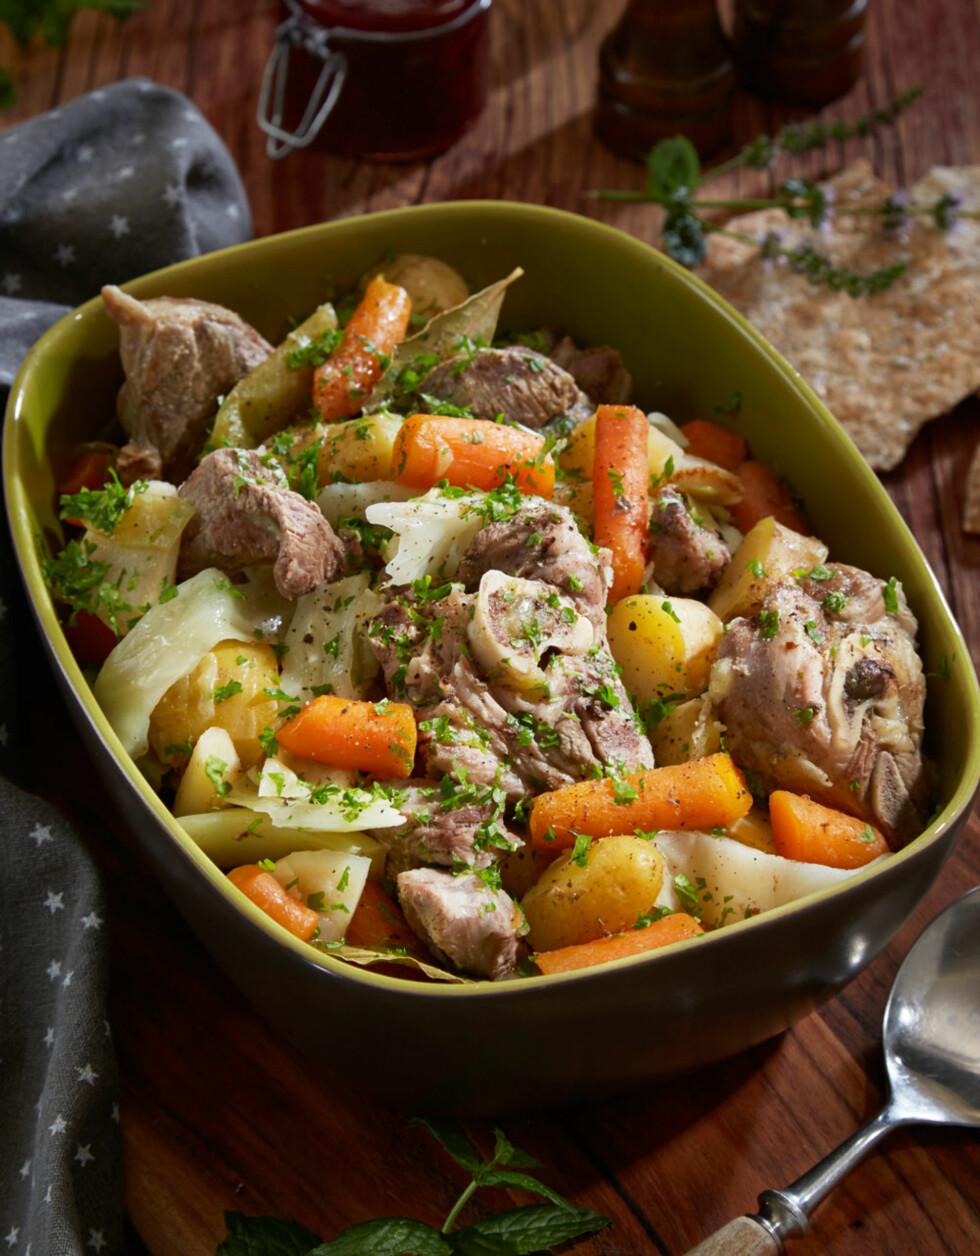 IRISH STEW: Dette er en klassisk lammerett fra Irland som minner mye om vår fårikål. Irish stew finnes i ulike varianter. I noen oppskrifter er grønnsakene most, i andre ikke. Grønnsaksortene kan også variere. Foto: Synøve Dreyer